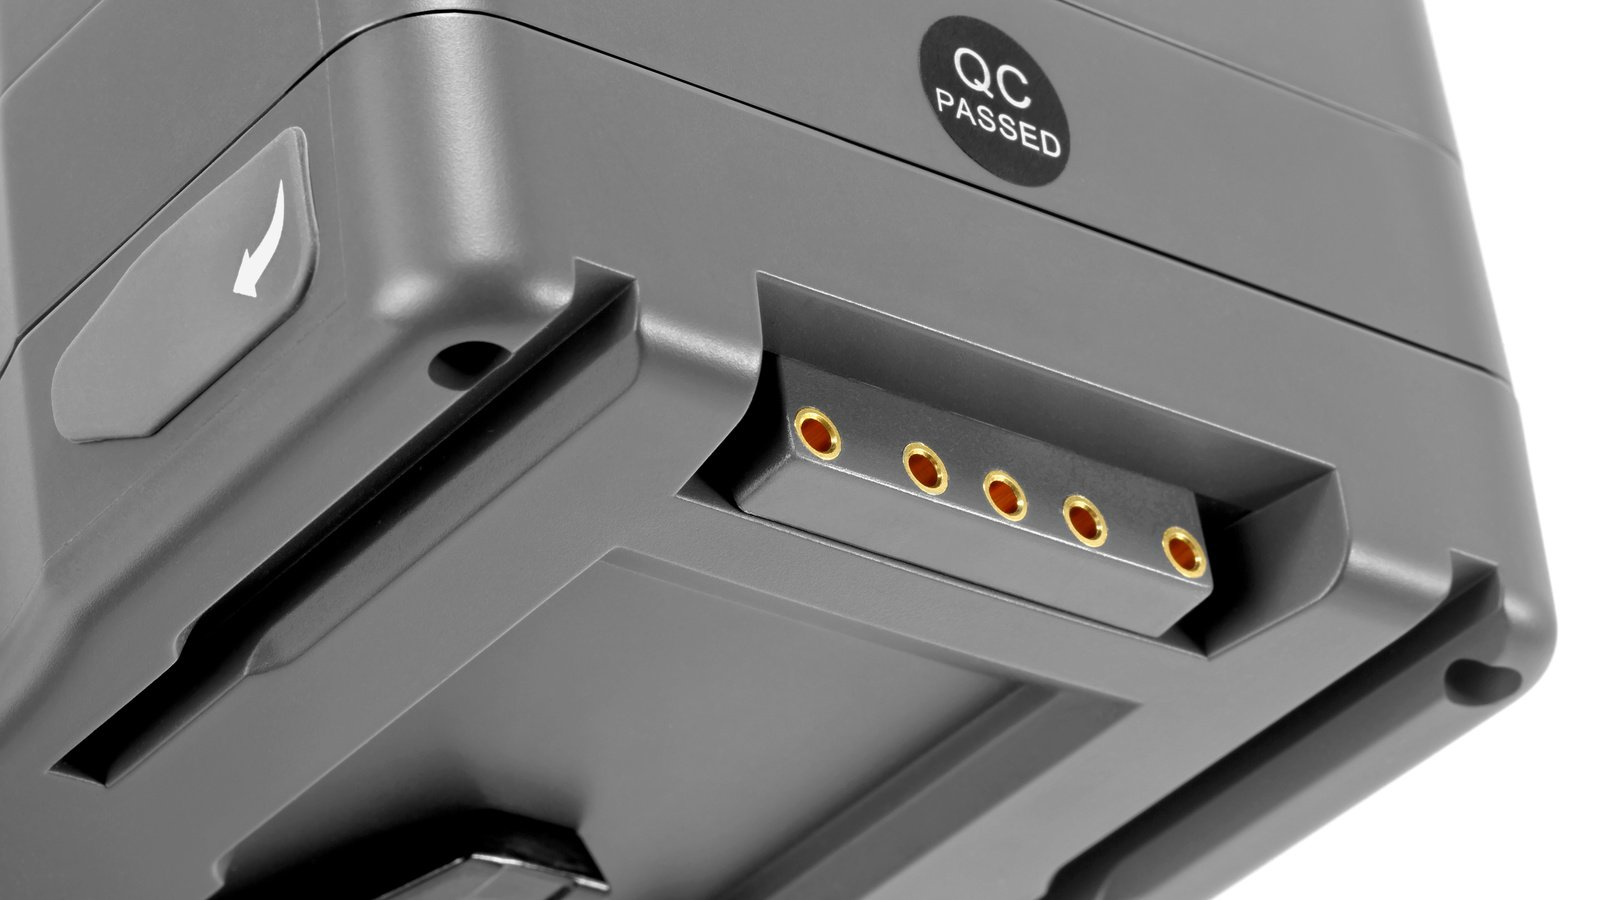 Fünf Kontakte sorgen für Strom und Kommunikation zur RED Kamera.